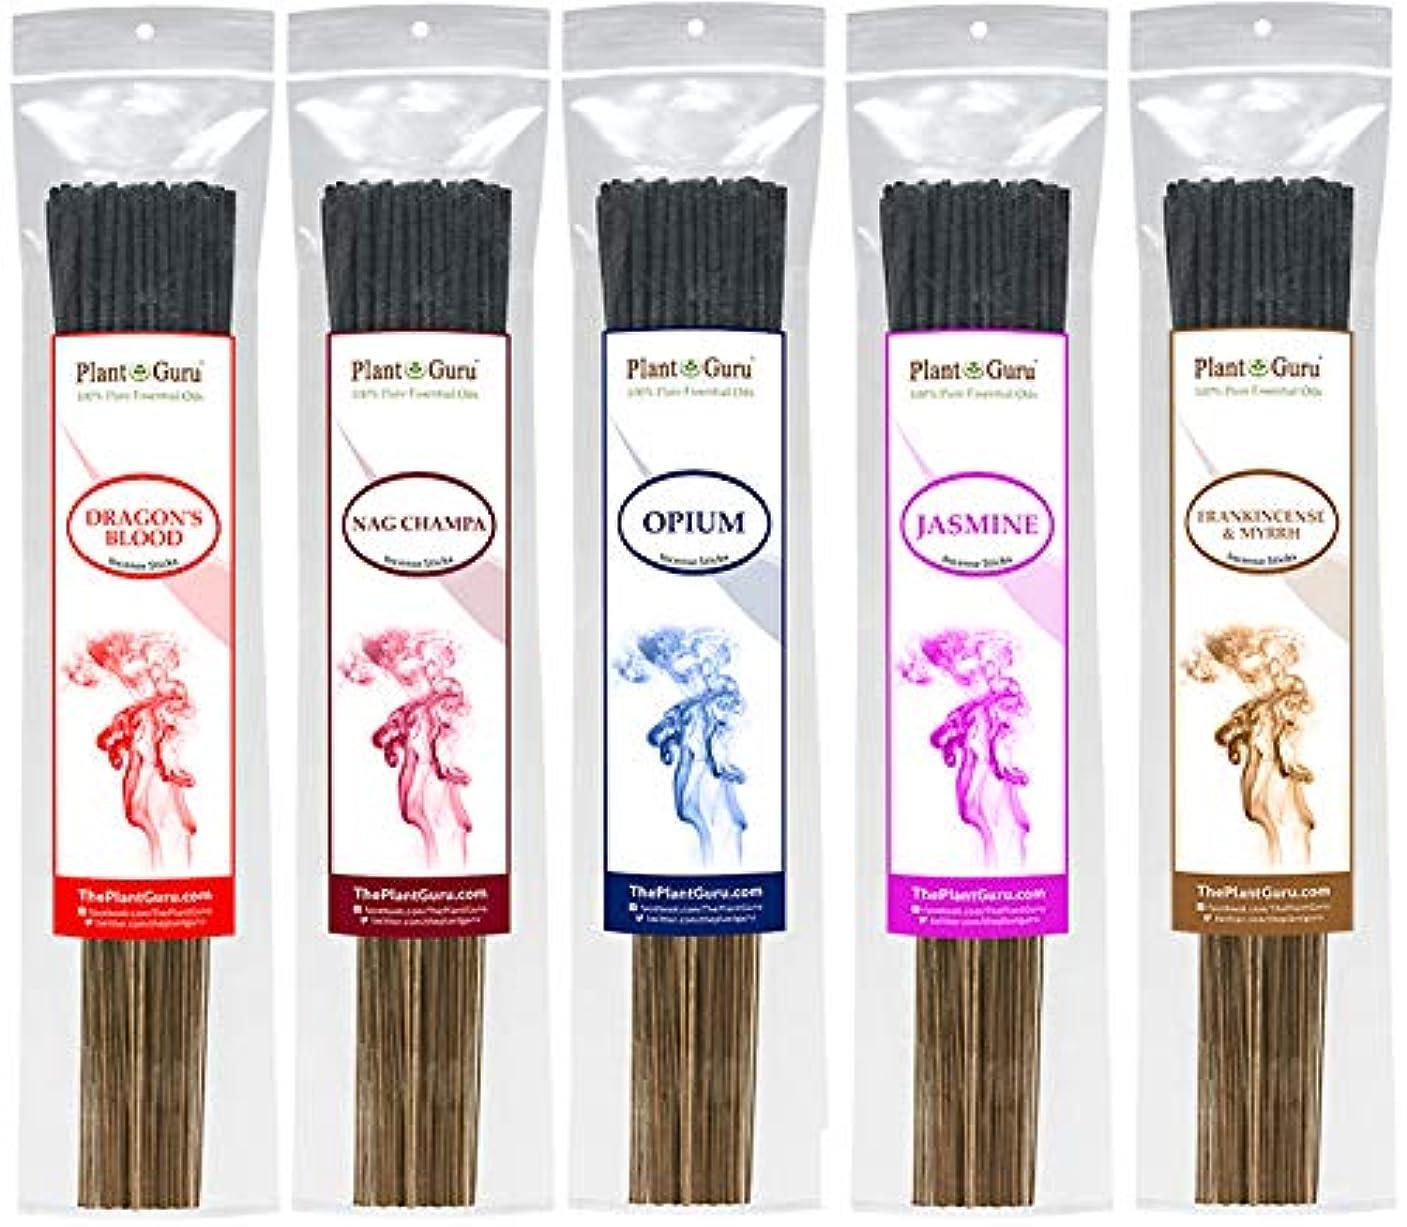 センサーフェリー経済的IncenseサンプラーセットエキゾチックIncense Sticks 925グラムスティック数合計425 to 500 Sticksプレミアム品質Smooth Clean Burn各スティックは10.5インチ長Burn...